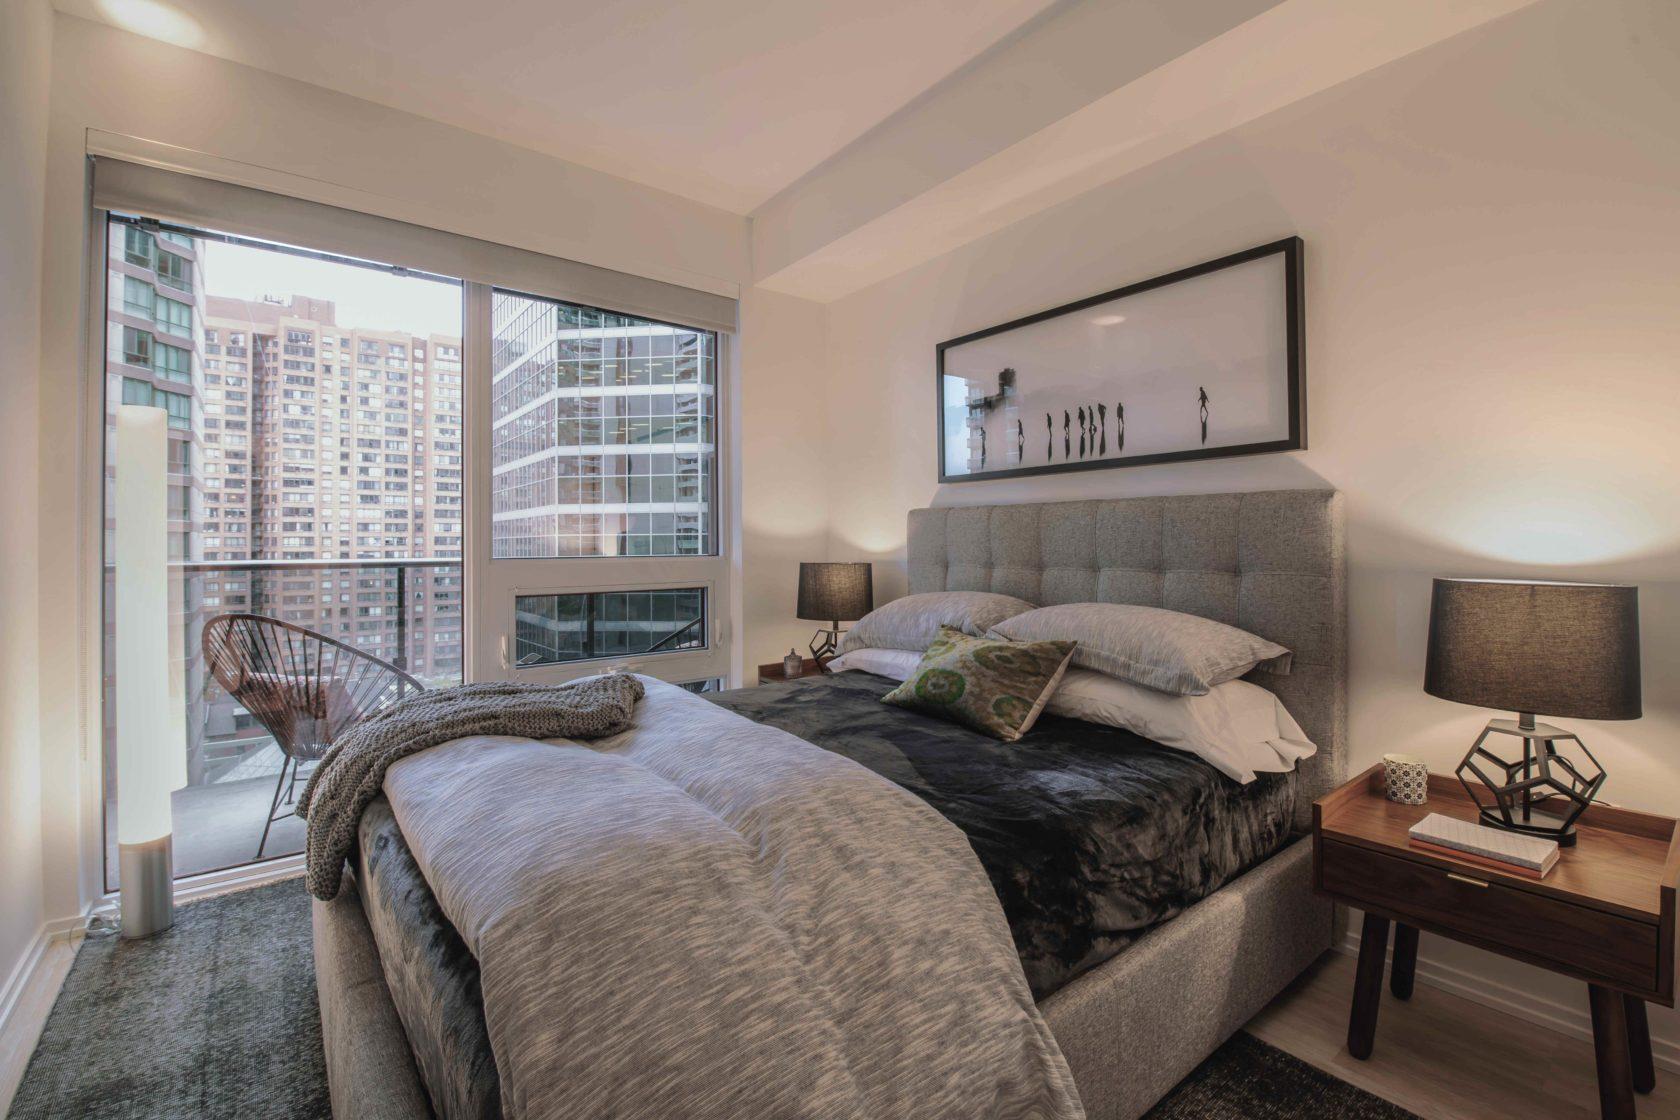 Livmore Suite Bedroom